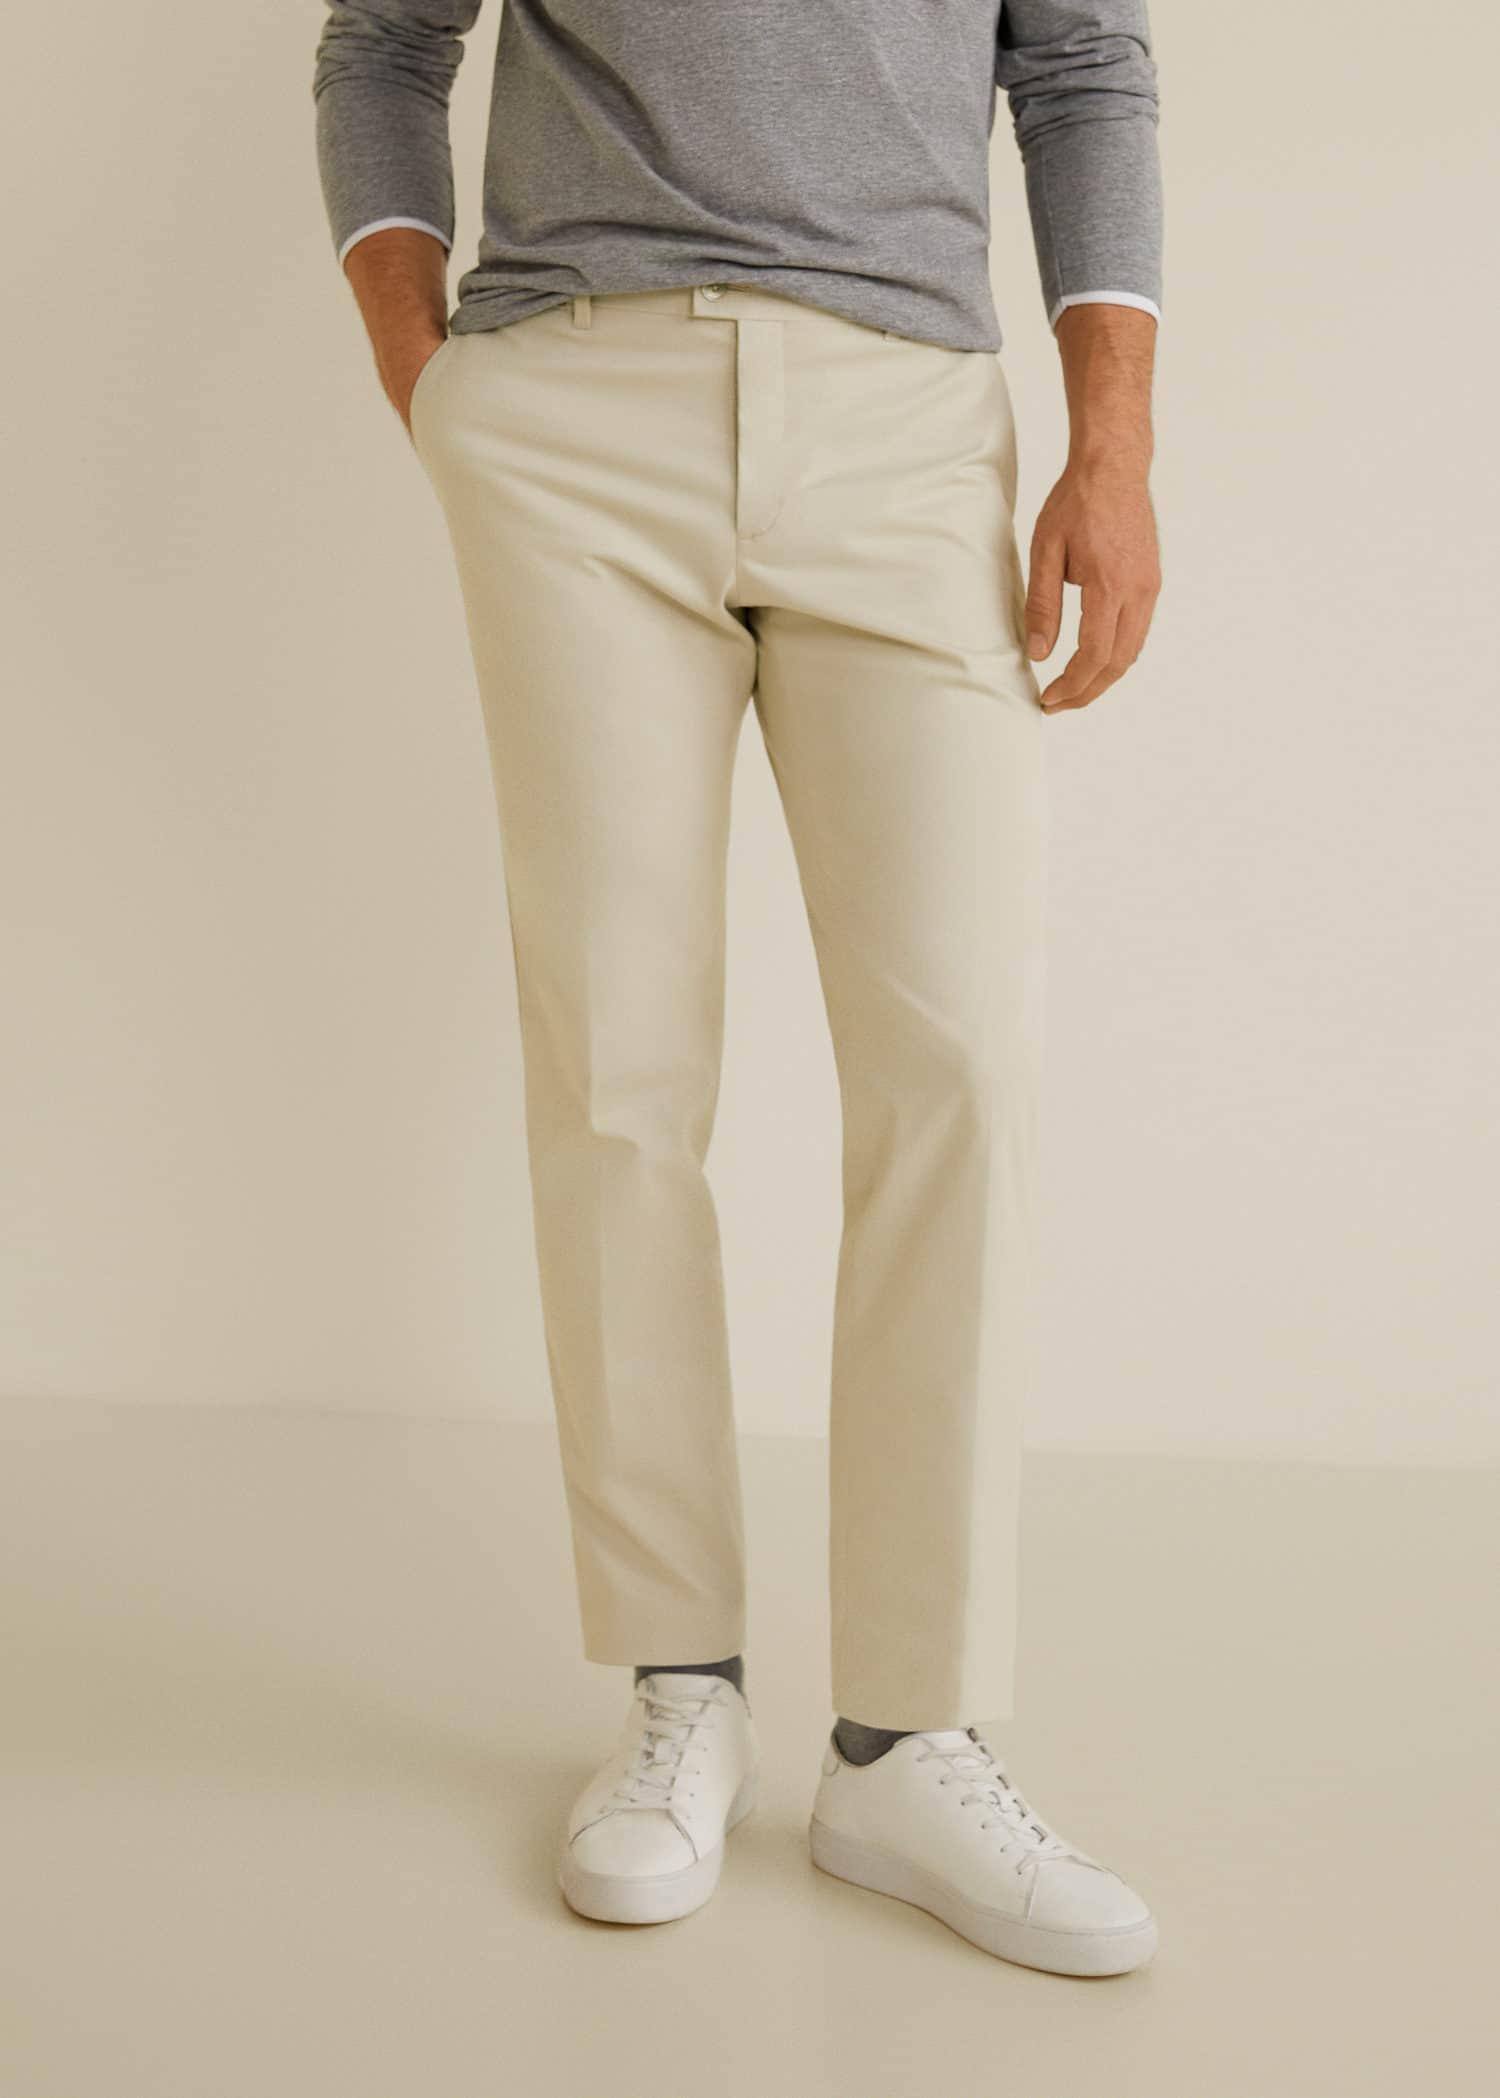 prix imbattable rabais de premier ordre mieux Pantalon slim-fit style chino - Homme | Mango Man France